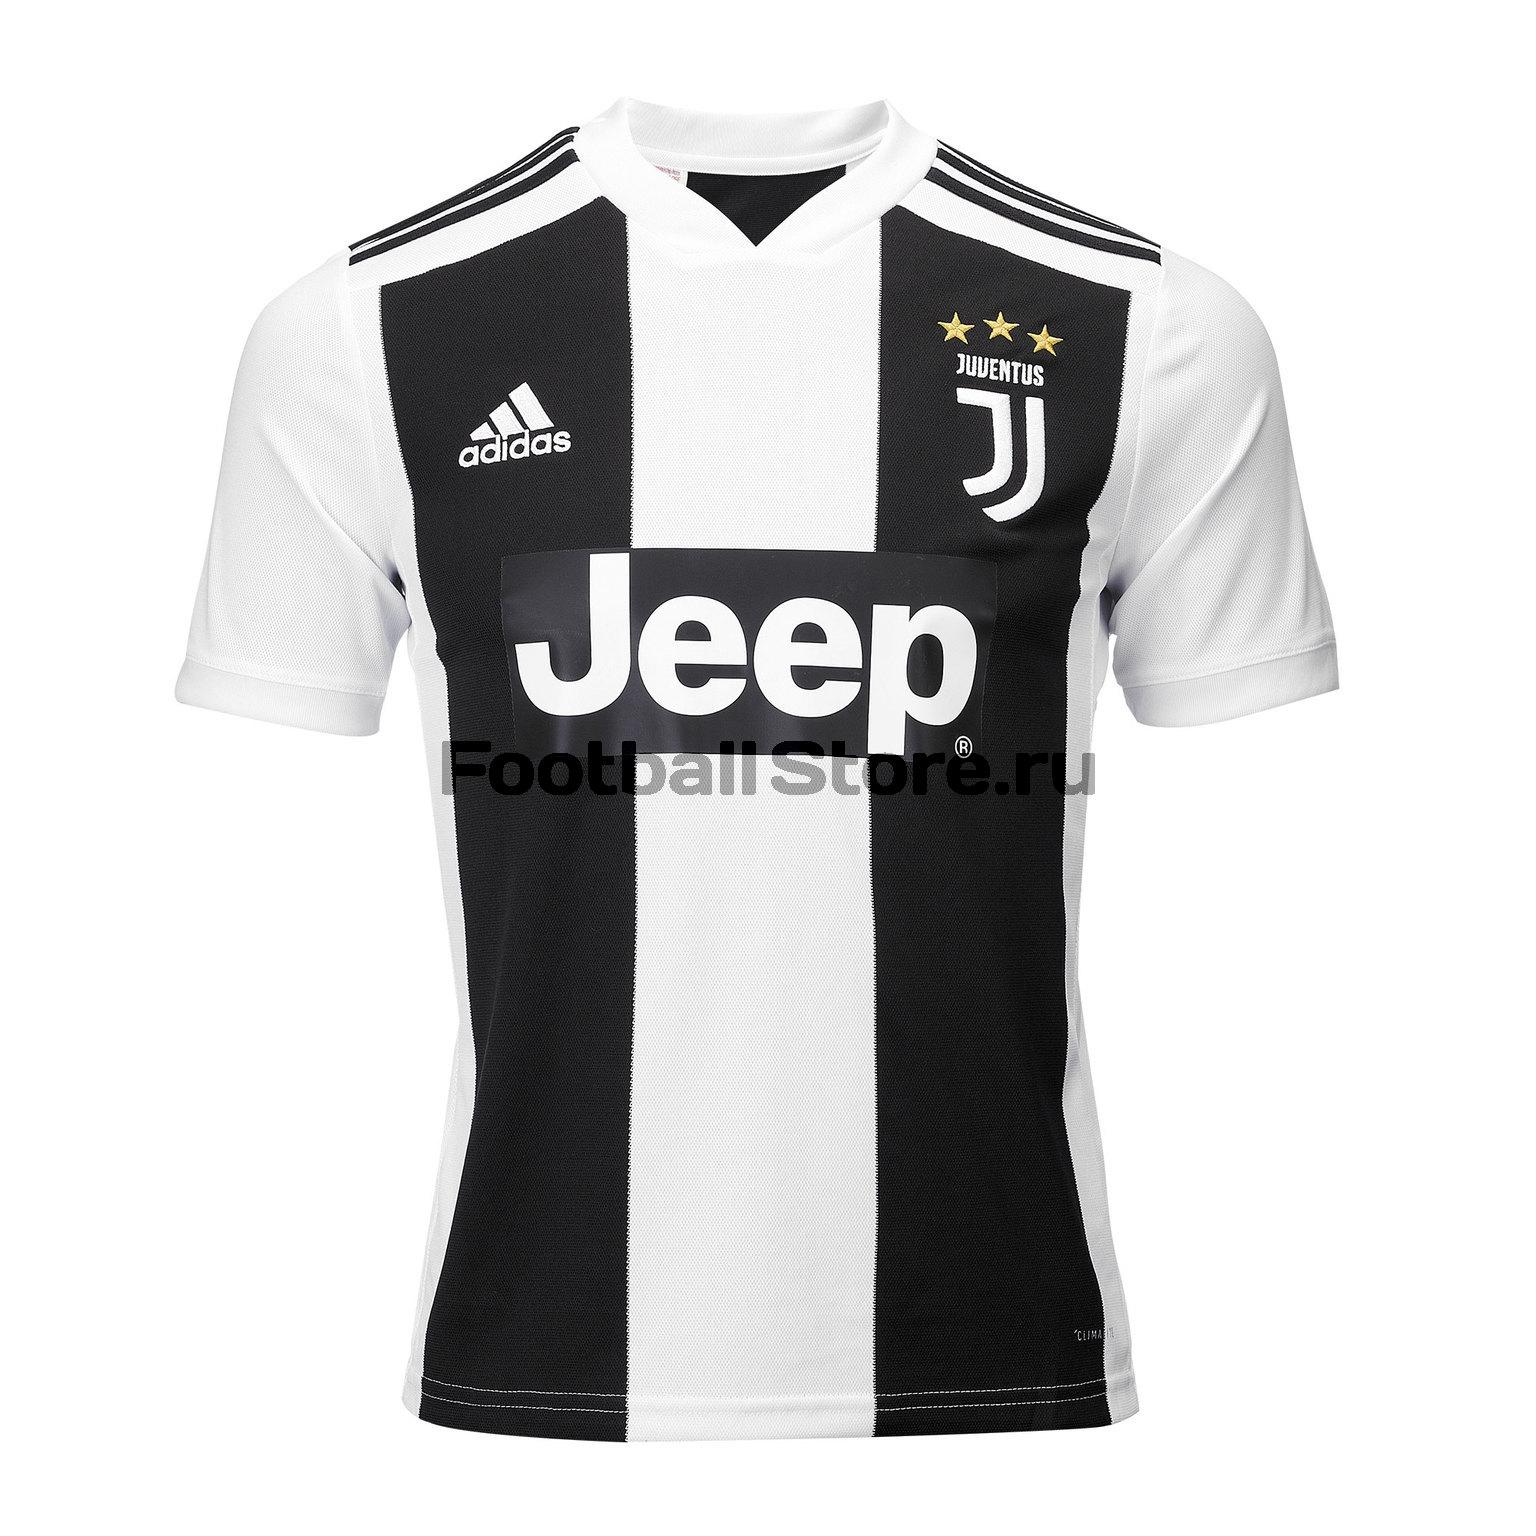 Футболка домашняя подростковая Adidas Juventus 2018/19 рюкзак adidas juventus 2018 19